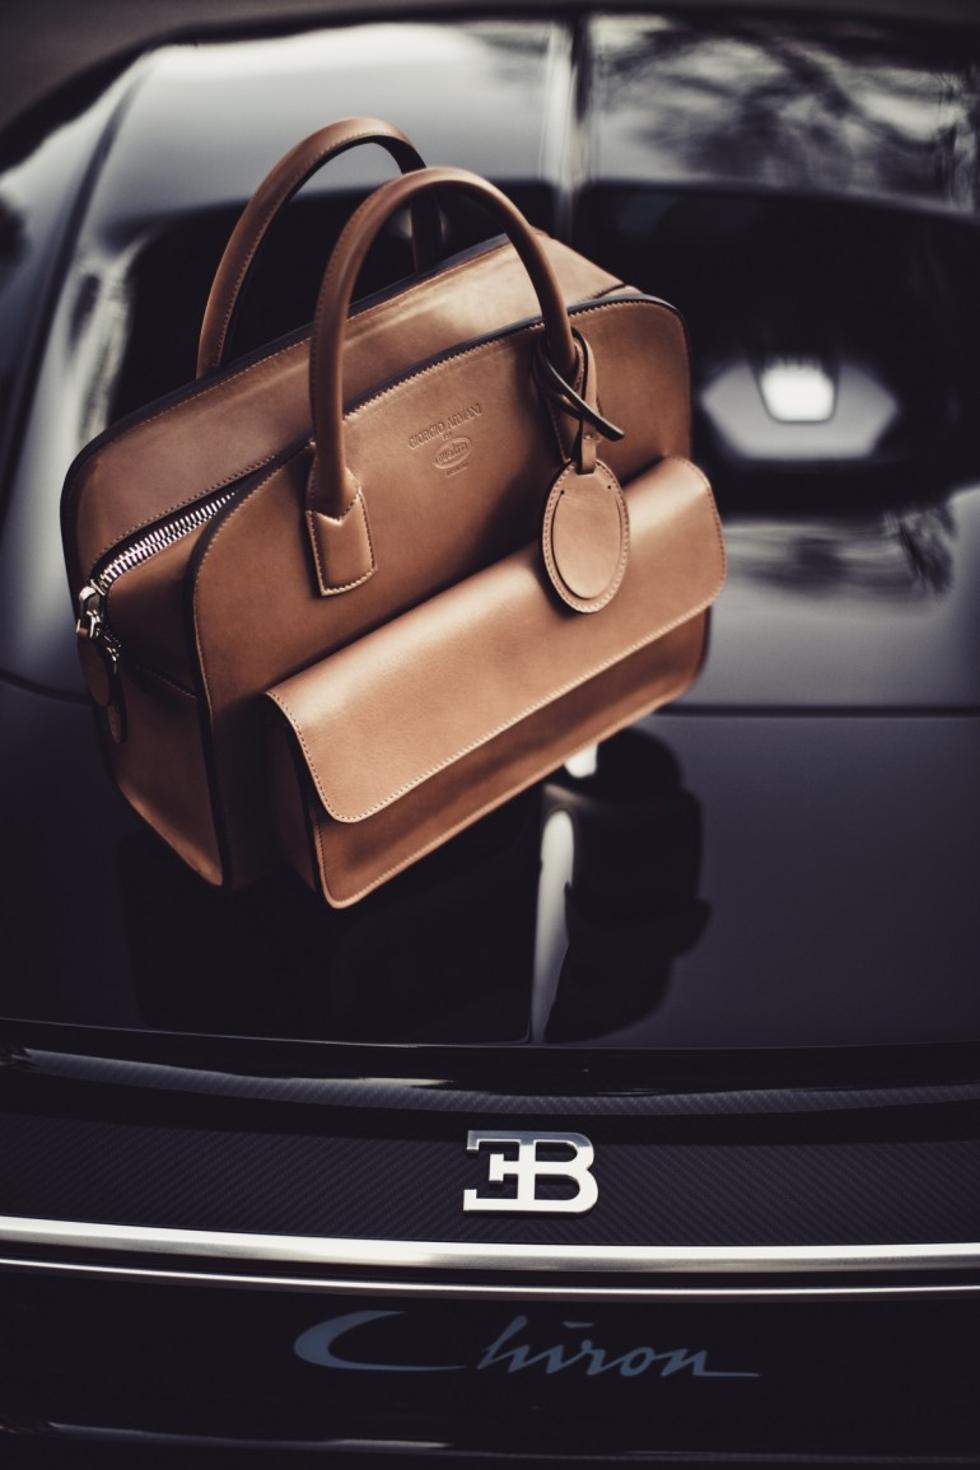 Bolsa de couro desenvolvida pela Armani em parceria com a Bugatti (Foto: Divulgação)